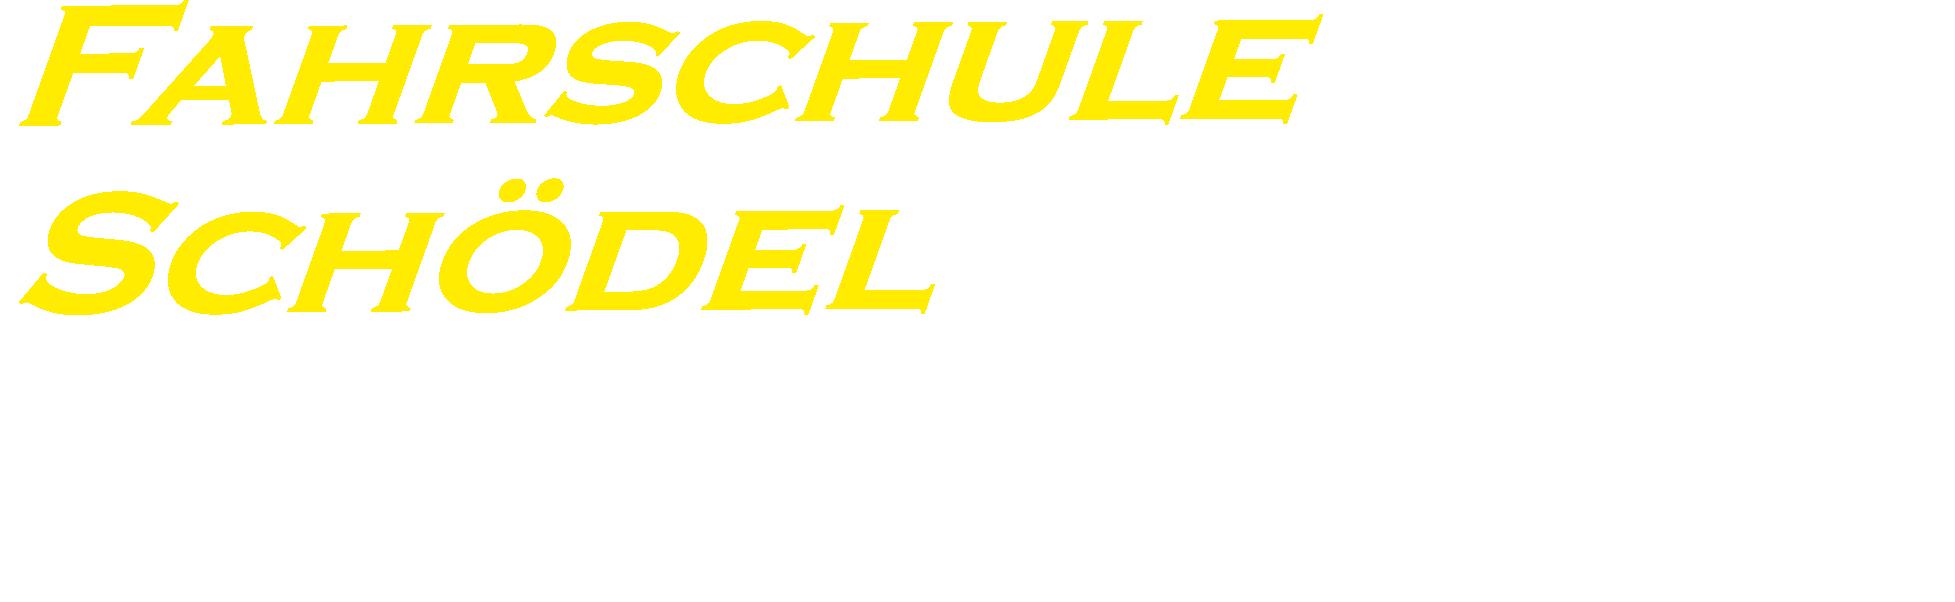 Fahrschule Schödel